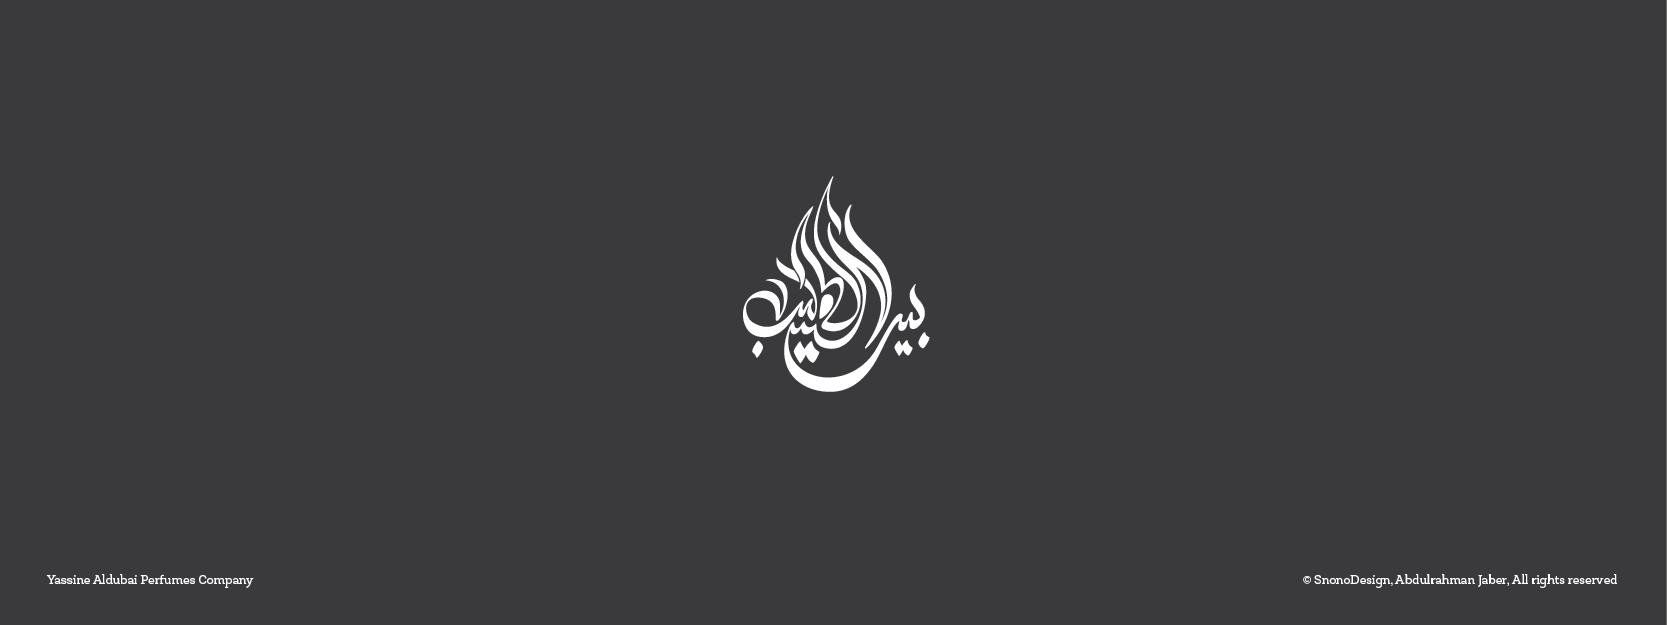 Logos 2002 - 2016 -2-06.png